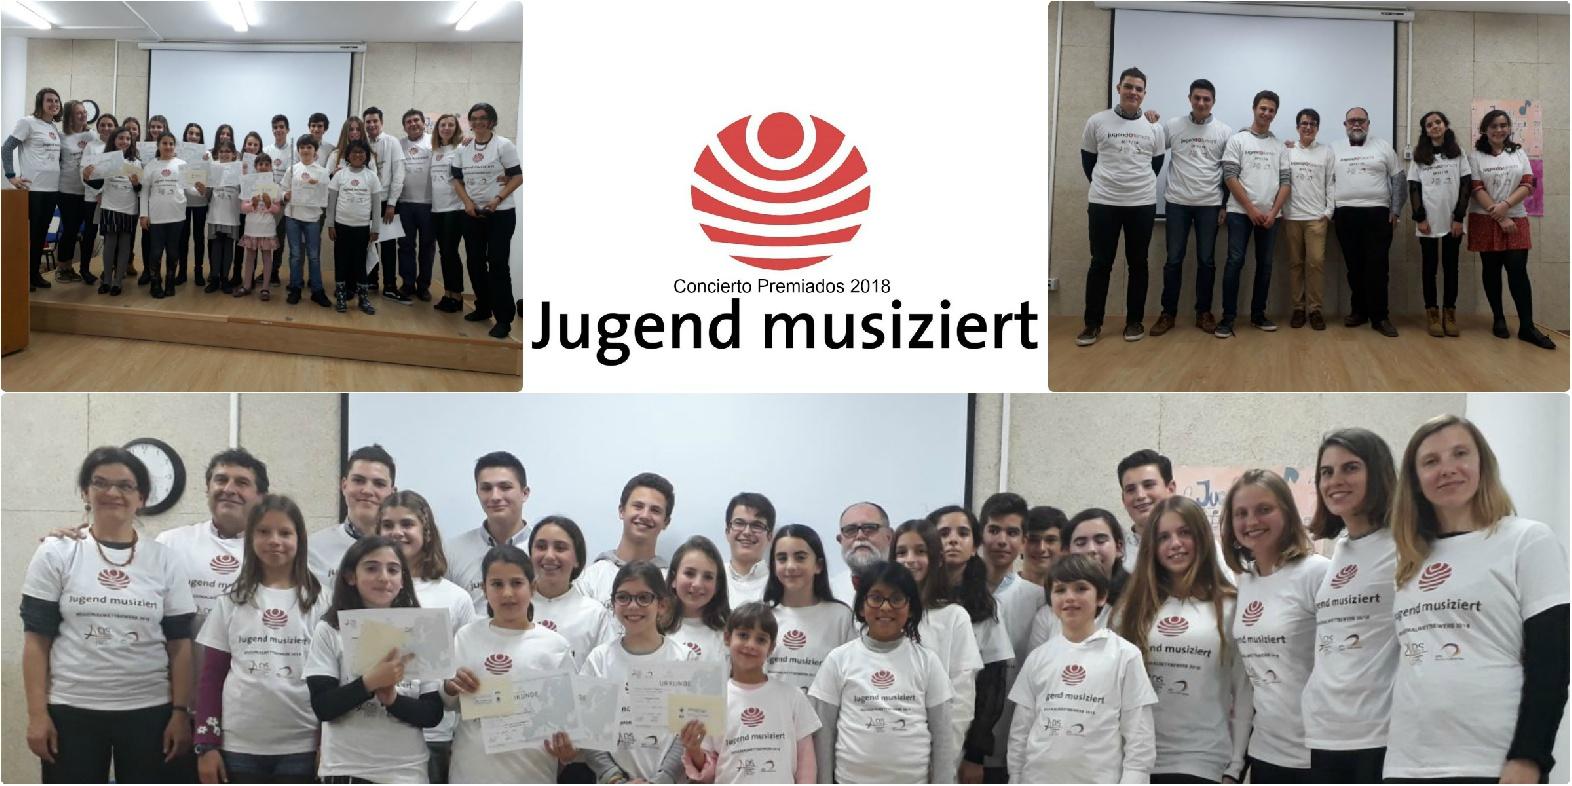 concierto y reconocimientos a  Jugend musiziert y jugend forscht